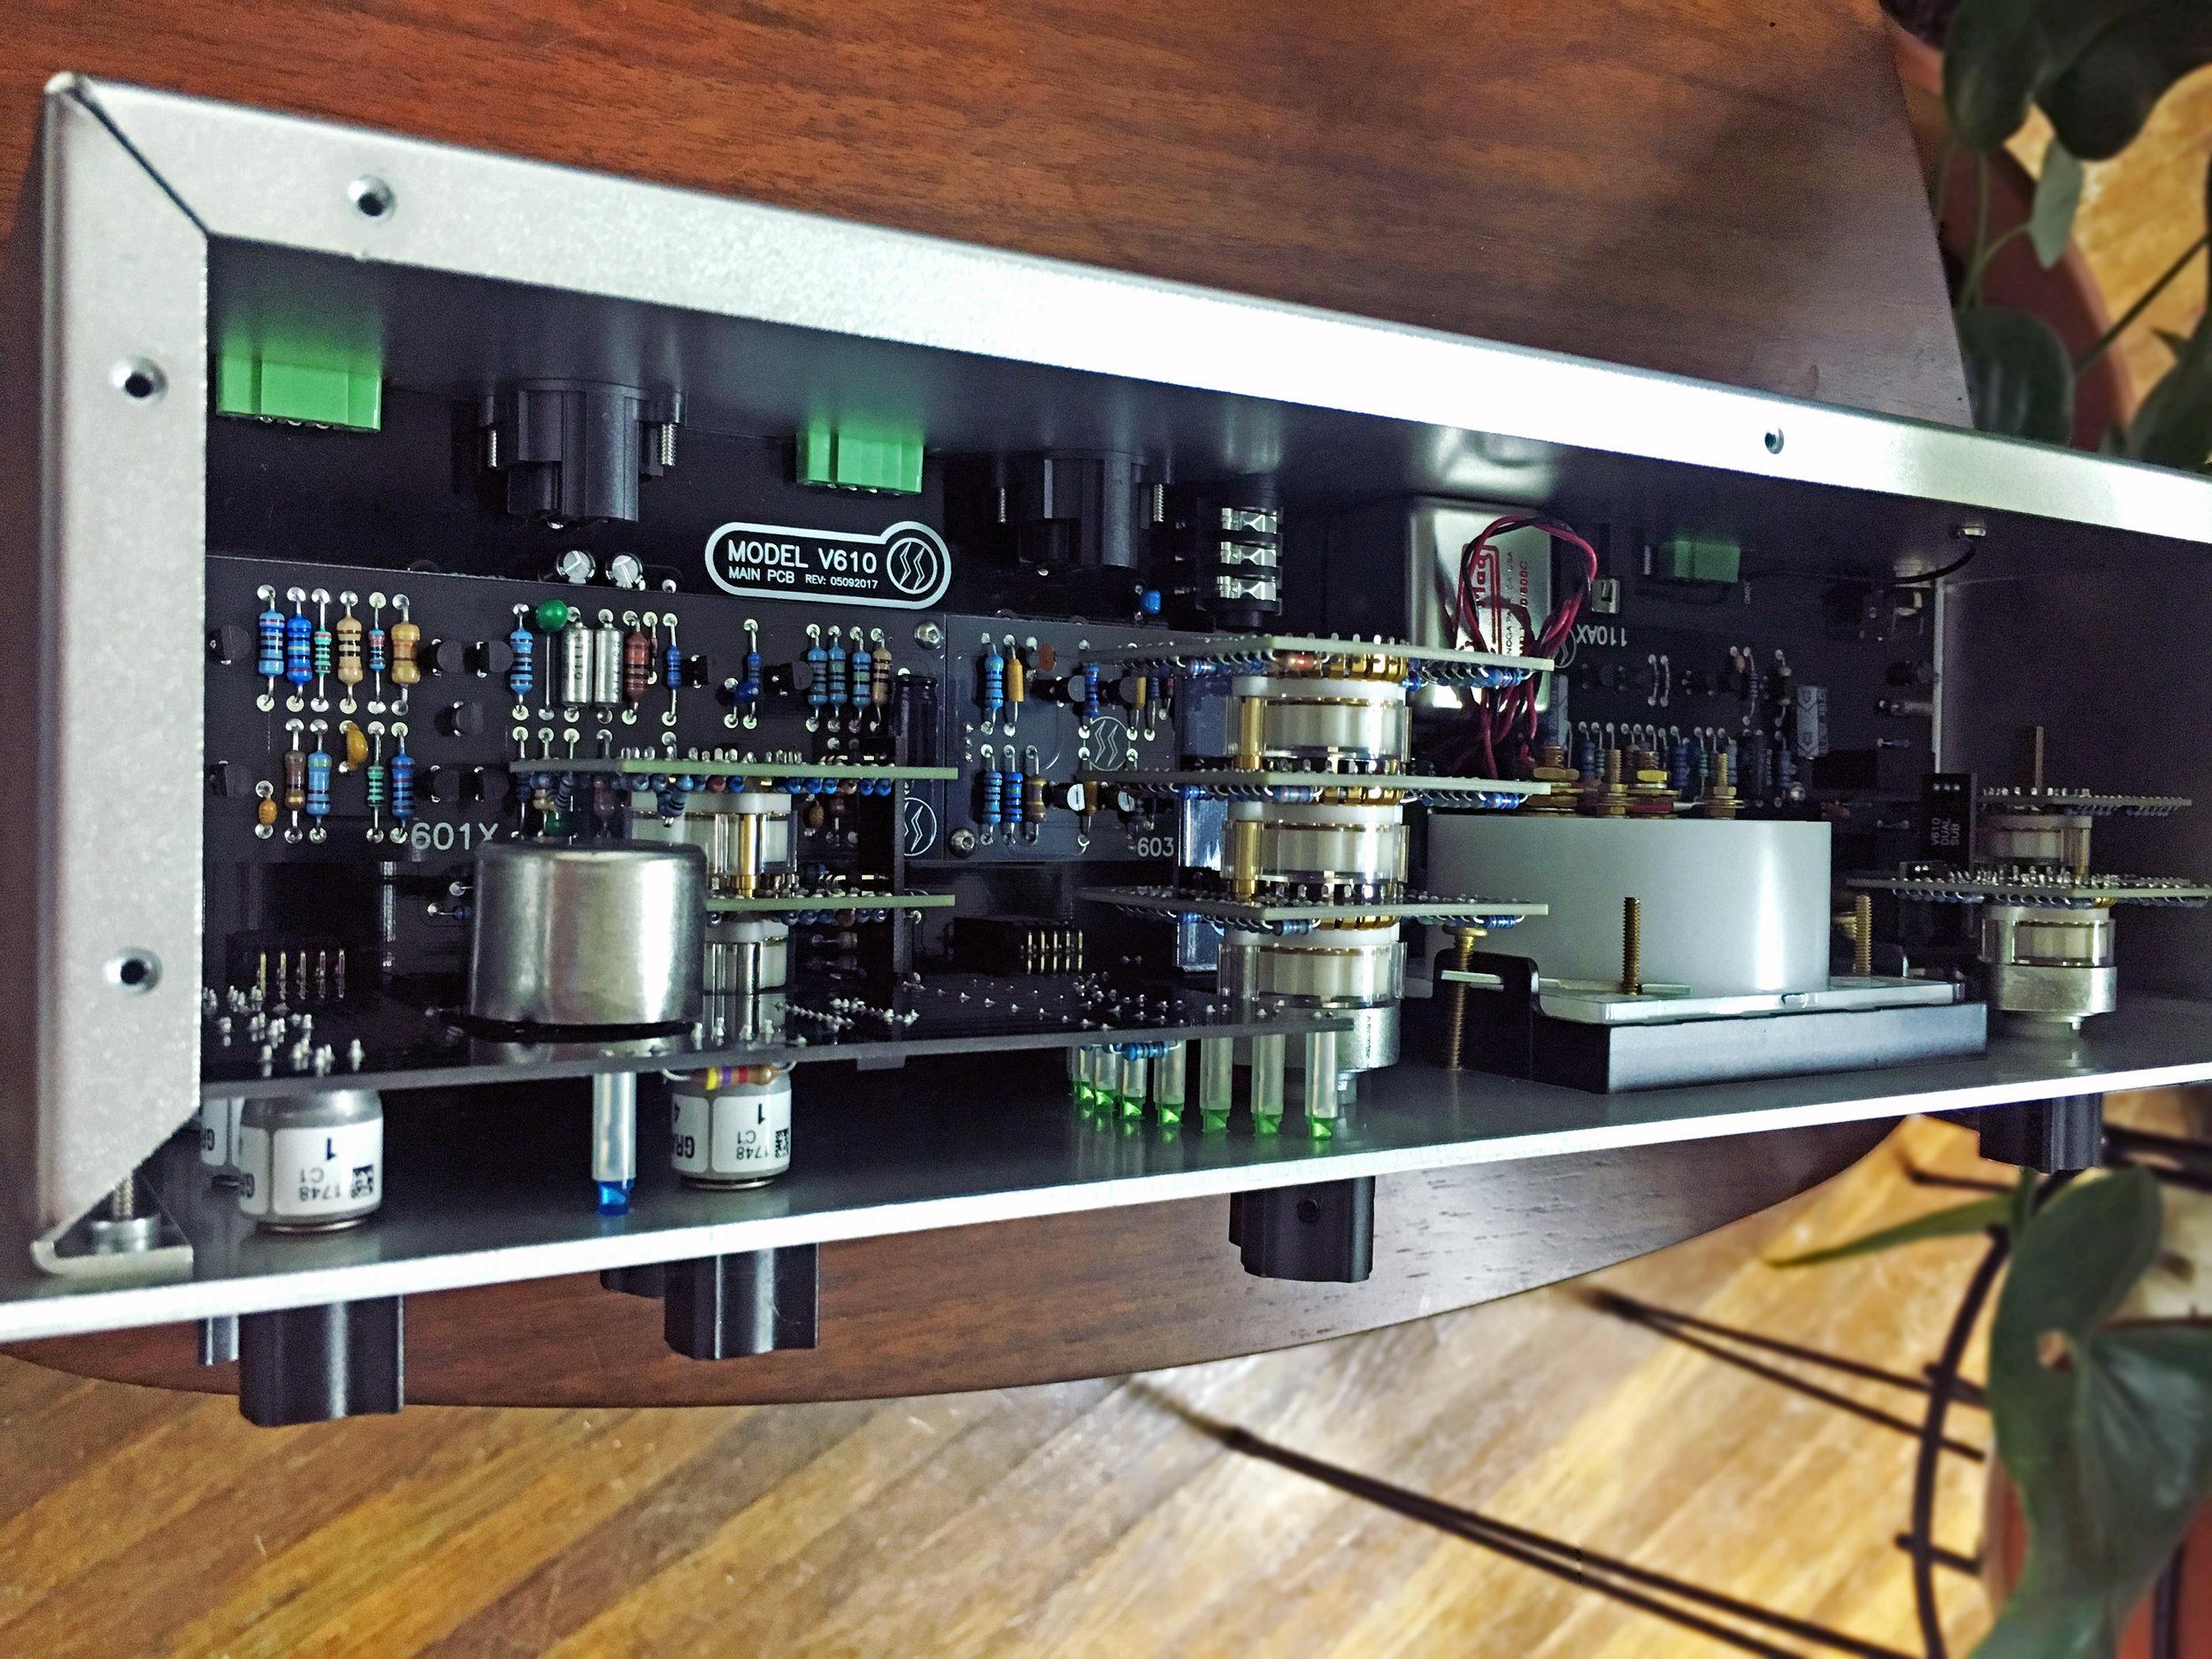 Spectra-Sonics-V610-inside.jpg